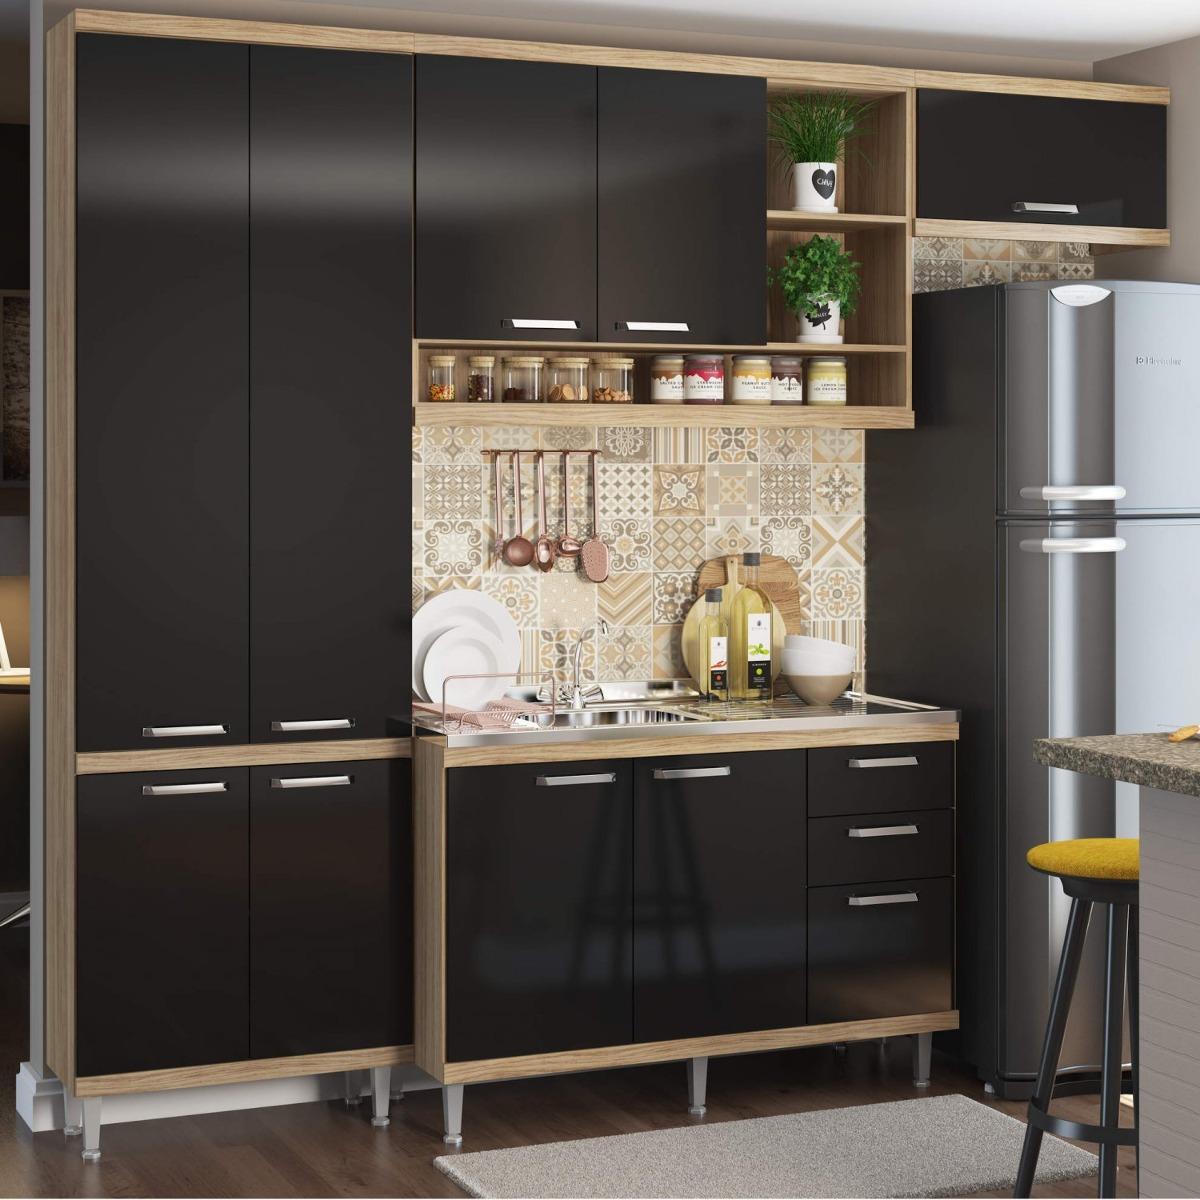 Cozinha Completa Com Balc O Sem Tampo 4 Pe As 9 Df R 1 419 90 Em